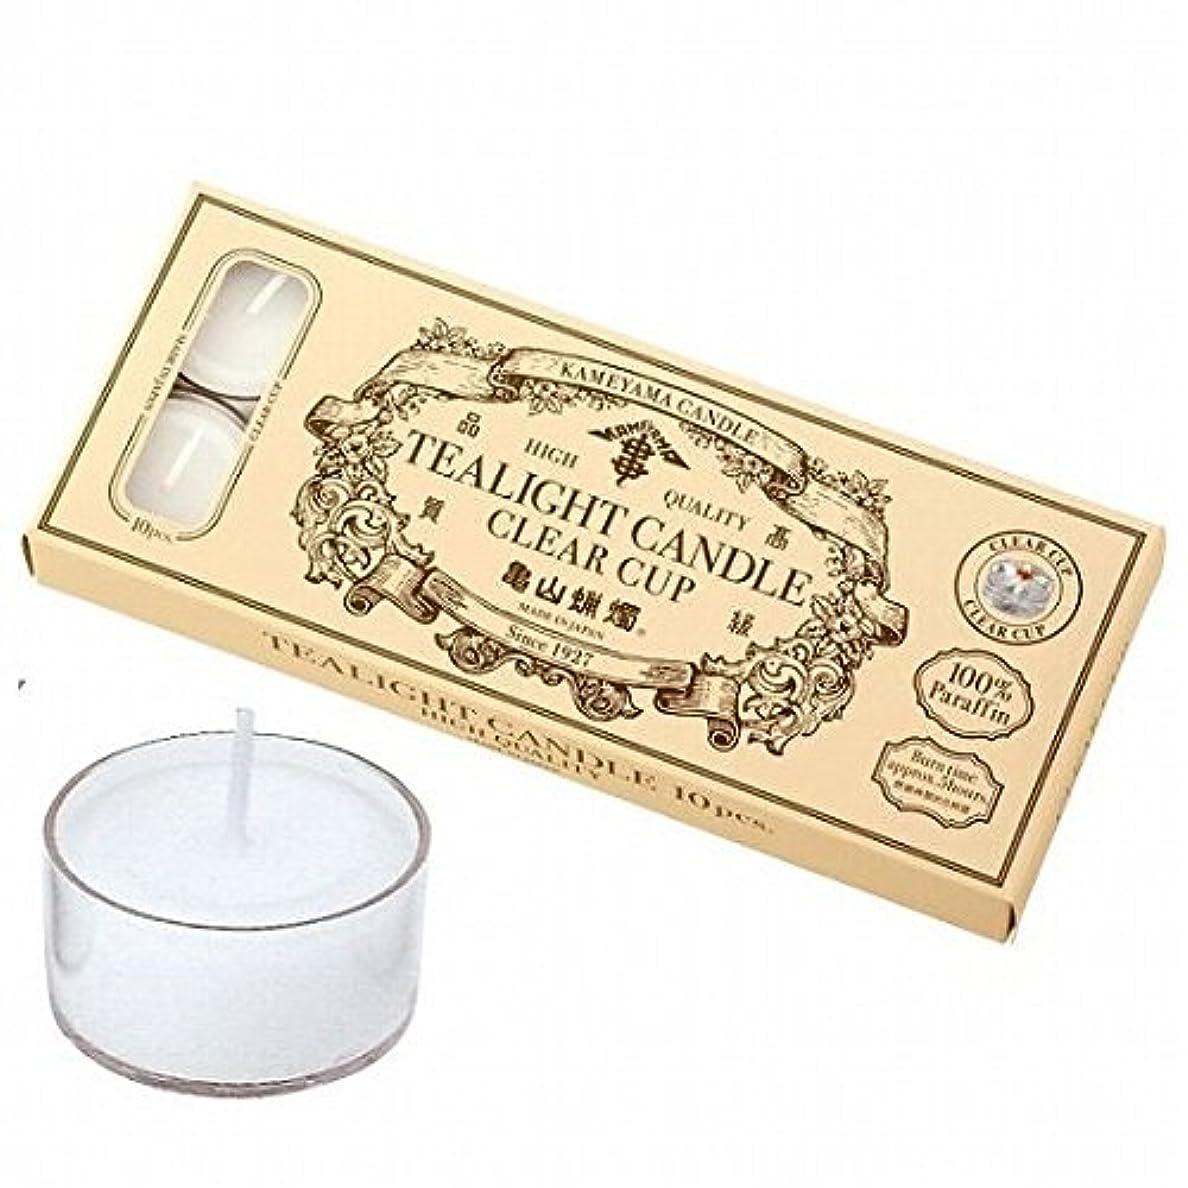 スーツケースステッチ恩赦kameyama candle(カメヤマキャンドル) 亀山ティーライトクリア10個?日本製 キャンドル(83506610)